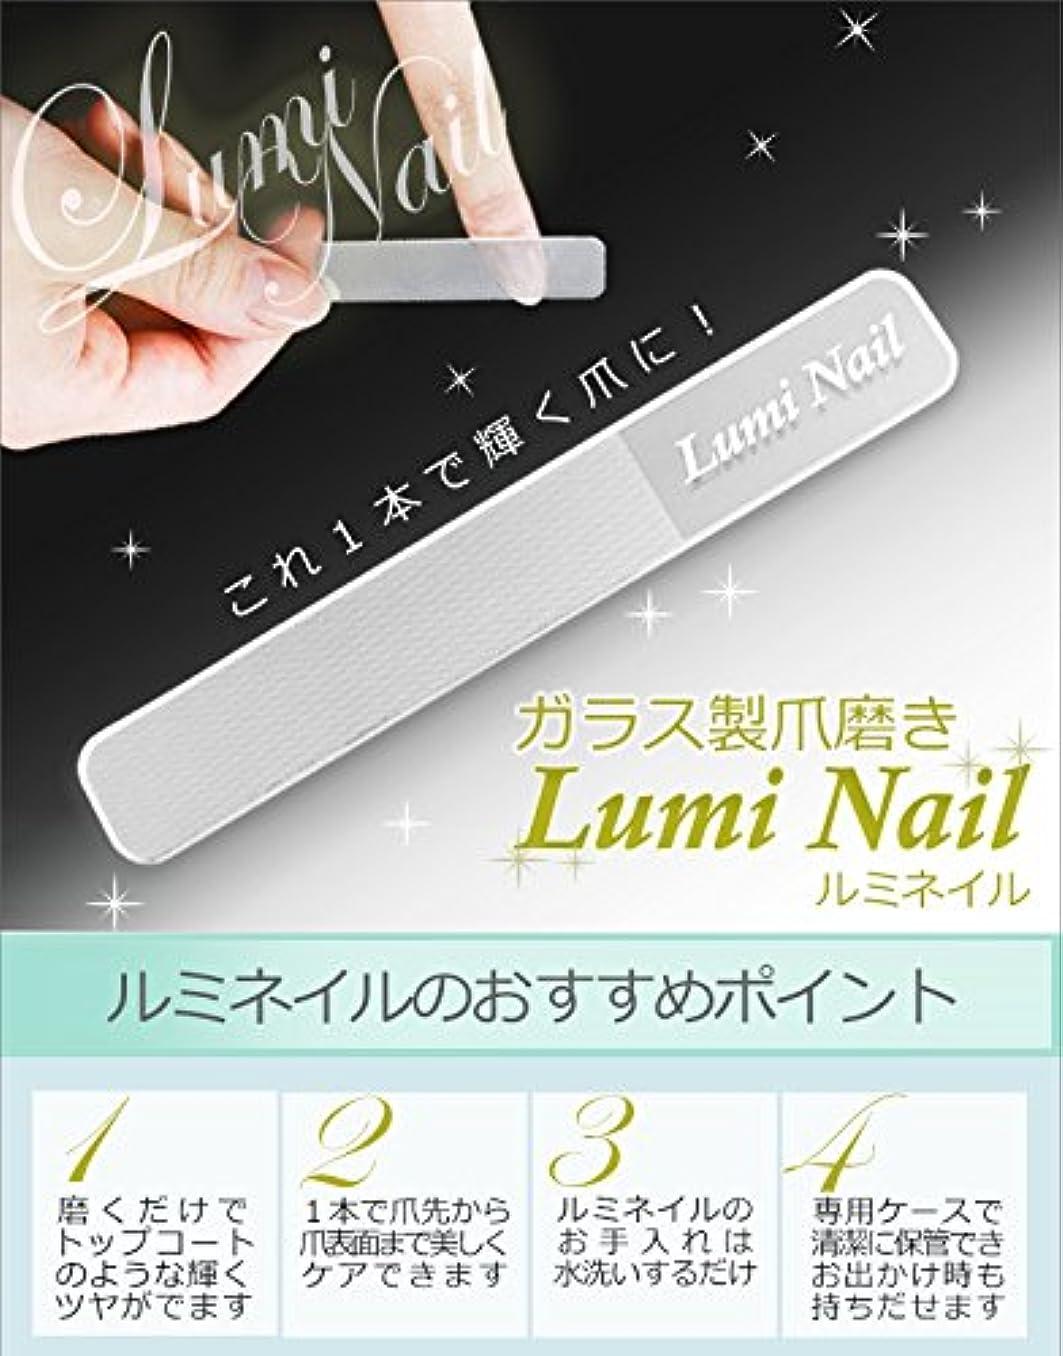 ガラス製爪磨き Lumi Nail(ルミネイル) 爪やすり ネイルケア つめみがき 簡単